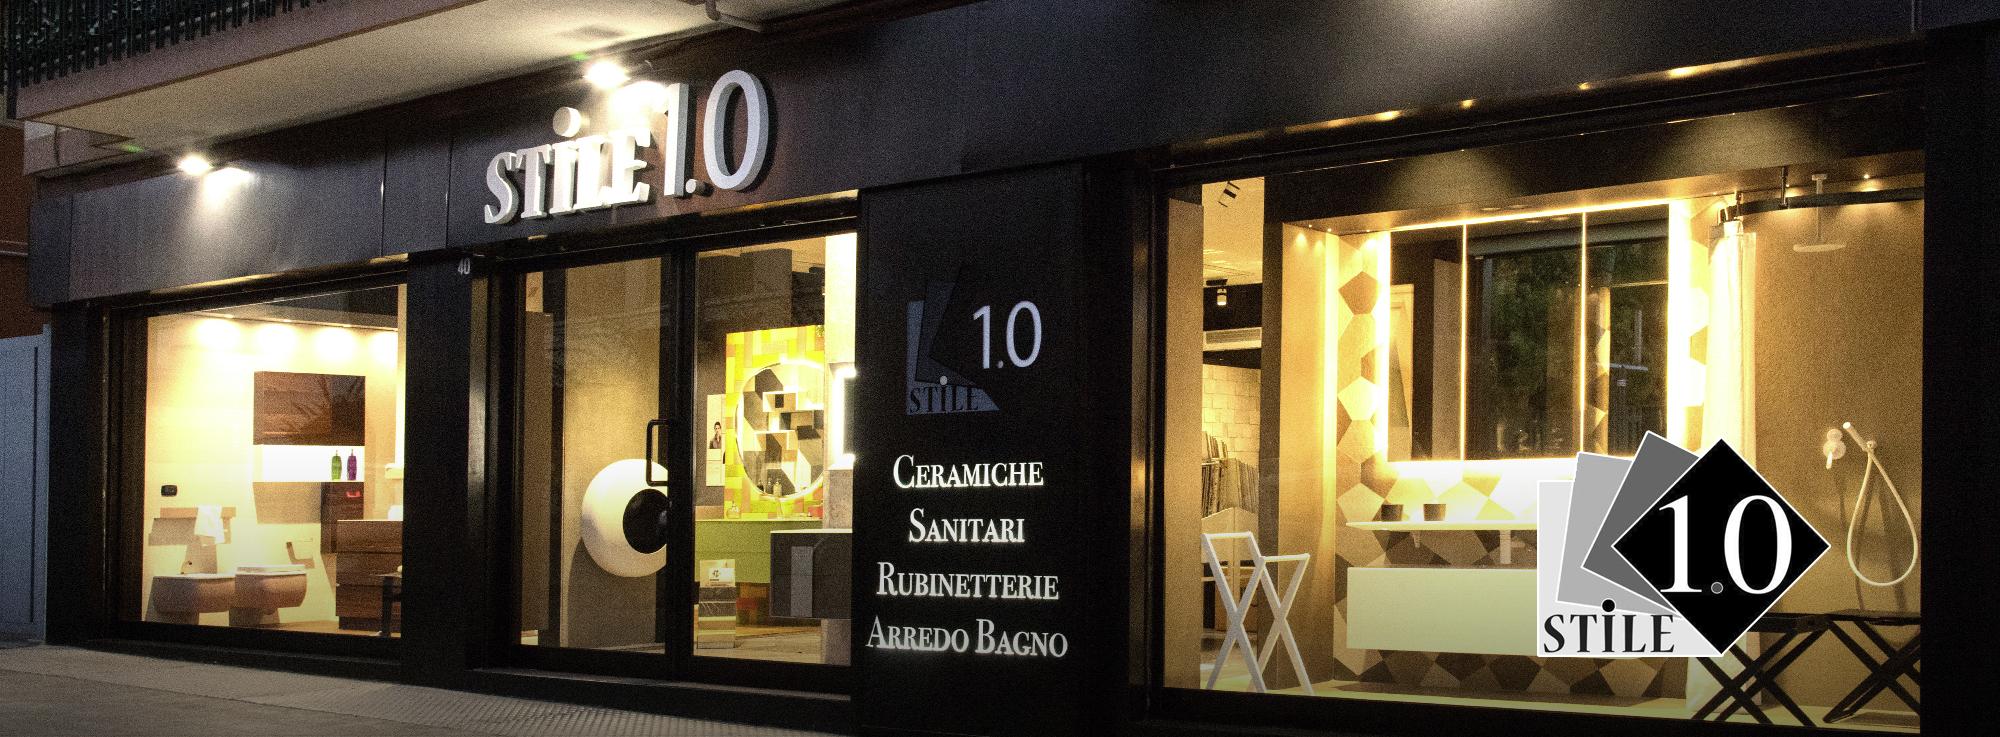 stile 1.0 barletta (bt) - arredo bagno, rivestimenti, ceramiche ... - Arredo Bagno Barletta